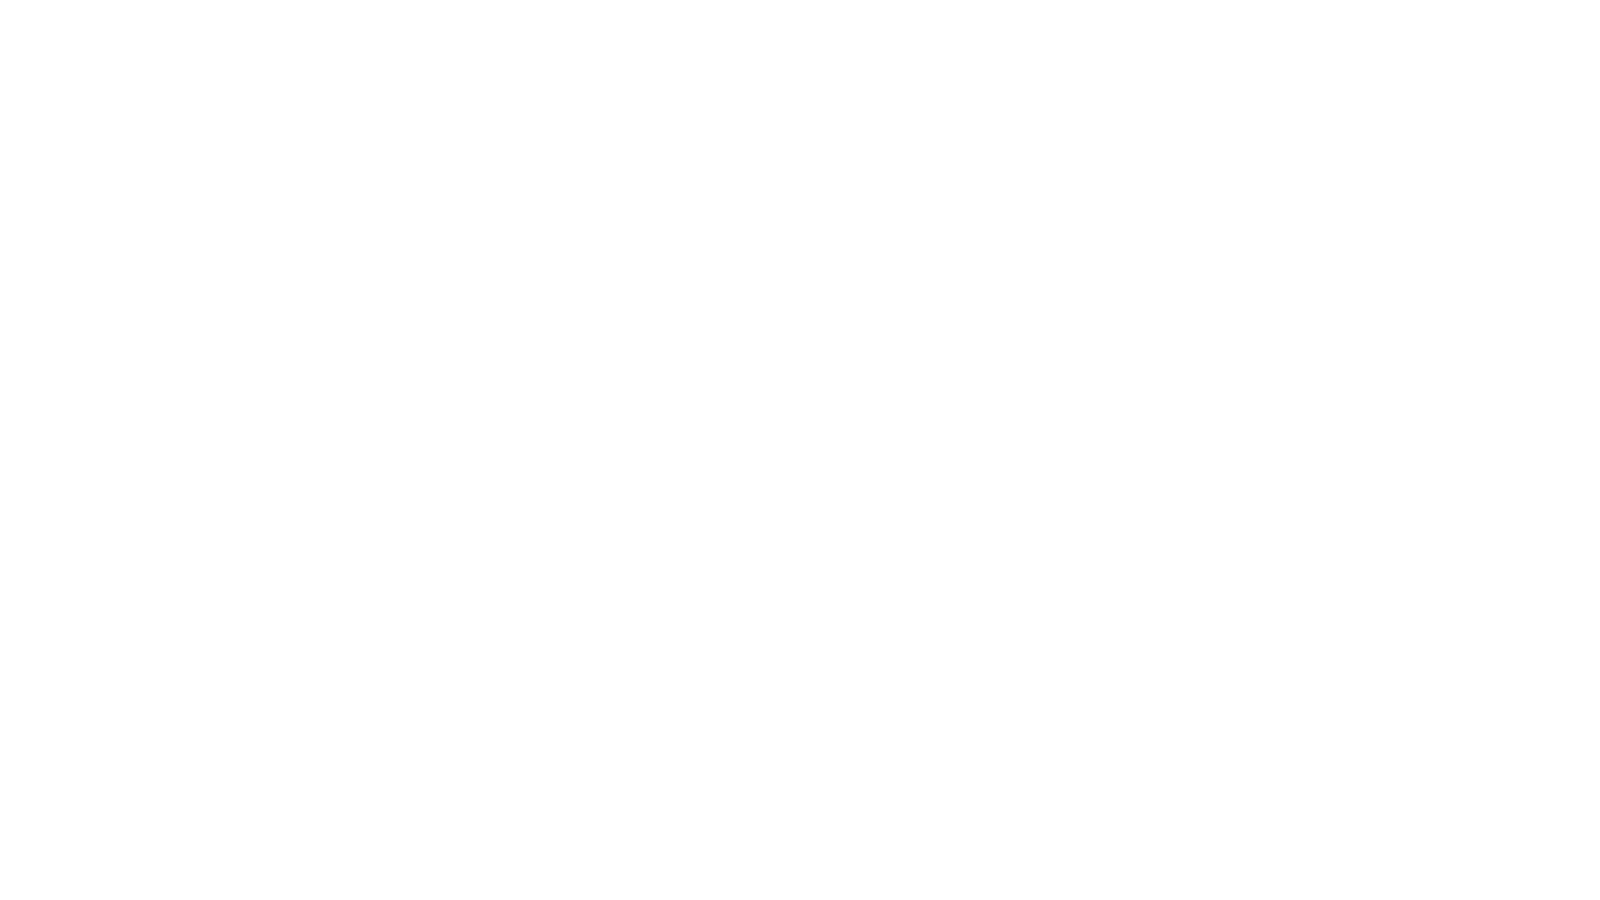 """Am 19. November erscheint das Hörspiel """"Blaues Herz"""" von Wolfy Office. Das habe ich zum Anlass genommen die Macher des Hörspiels und ein einen Teil der Cast zu einem Interview einzuladen.   Wolfy Office: https://www.wolfy-office.de/ Wolfy-Shop: https://wolfy-shop.de/ Henrike Tönnes: https://www.henriketoennes.de/ Thomas Plum: https://thomas-plum.net/  - - - Rezensionen - - - Blaues Herz: folgt... Video-Integrator: https://www.meinohrenkino.de/rezension-video-integrator-wolfy-office/  #Interview #Hörspiel #BlauesHerz  - - - - - - - - - - - - - - - - - - - - - - - - - - - - - - - - - - - - - - - - - - - - - - - - - - - - ⚒ Mehr über MEINOHRENKINO: h o m e p a g e :  https://www.meinohrenkino.de/ i n s t a g r a m :  https://www.instagram.com/meinohrenkino/ f a c e b o o k :  https://www.facebook.com/MeinOhrenkino/ y o u t u b e : https://www.youtube.com/MeinOhrenkinoDe t w i t t e r : https://twitter.com/MeinOhrenkino p i n t e r e s t :  https://www.pinterest.de/MeinOhrenkino/ - - - - - - - - - - - - - - - - - - - - - - - - - - - - - - - - - - - - - - - - - - - - - - - - - - - - 👕Kassettenkinder FAN-STUFF: s h o p : https://shop.spreadshirt.de/MeinOhrenkino - - - - - - - - - - - - - - - - - - - - - - - - - - - - - - - - - - - - - - - - - - - - - - - - - - - - 🔥 n e w s l e t t e r: https://www.meinohrenkino.de/meinohrenkino-hoerspiel-newsletter/ - - - - - - - - - - - - - - - - - - - - - - - - - - - - - - - - - - - - - - - - - - - - - - - - - - - - 🎧 Meine SOUNDTRACKS hören: s o u n d c l o u d :  https://soundcloud.com/mein-ohrenkino h e a r t h i s :  https://hearthis.at/meinohrenkino/ - - - - - - - - - - - - - - - - - - - - - - - - - - - - - - - - - - - - - - - - - - - - - - - - - - - - 📧 SCHREIB mir was (Anregung & Kritik):  e - m a i l : mail@meinohrenkino.de  MeinOhrenkino ist ein nicht-kommerzielles Hörspiel-Projket von Daniel Schiepe. Das gesamte Ensemble arbeitet ehrenamtlich und aus Leidenschaft an die Projekt."""